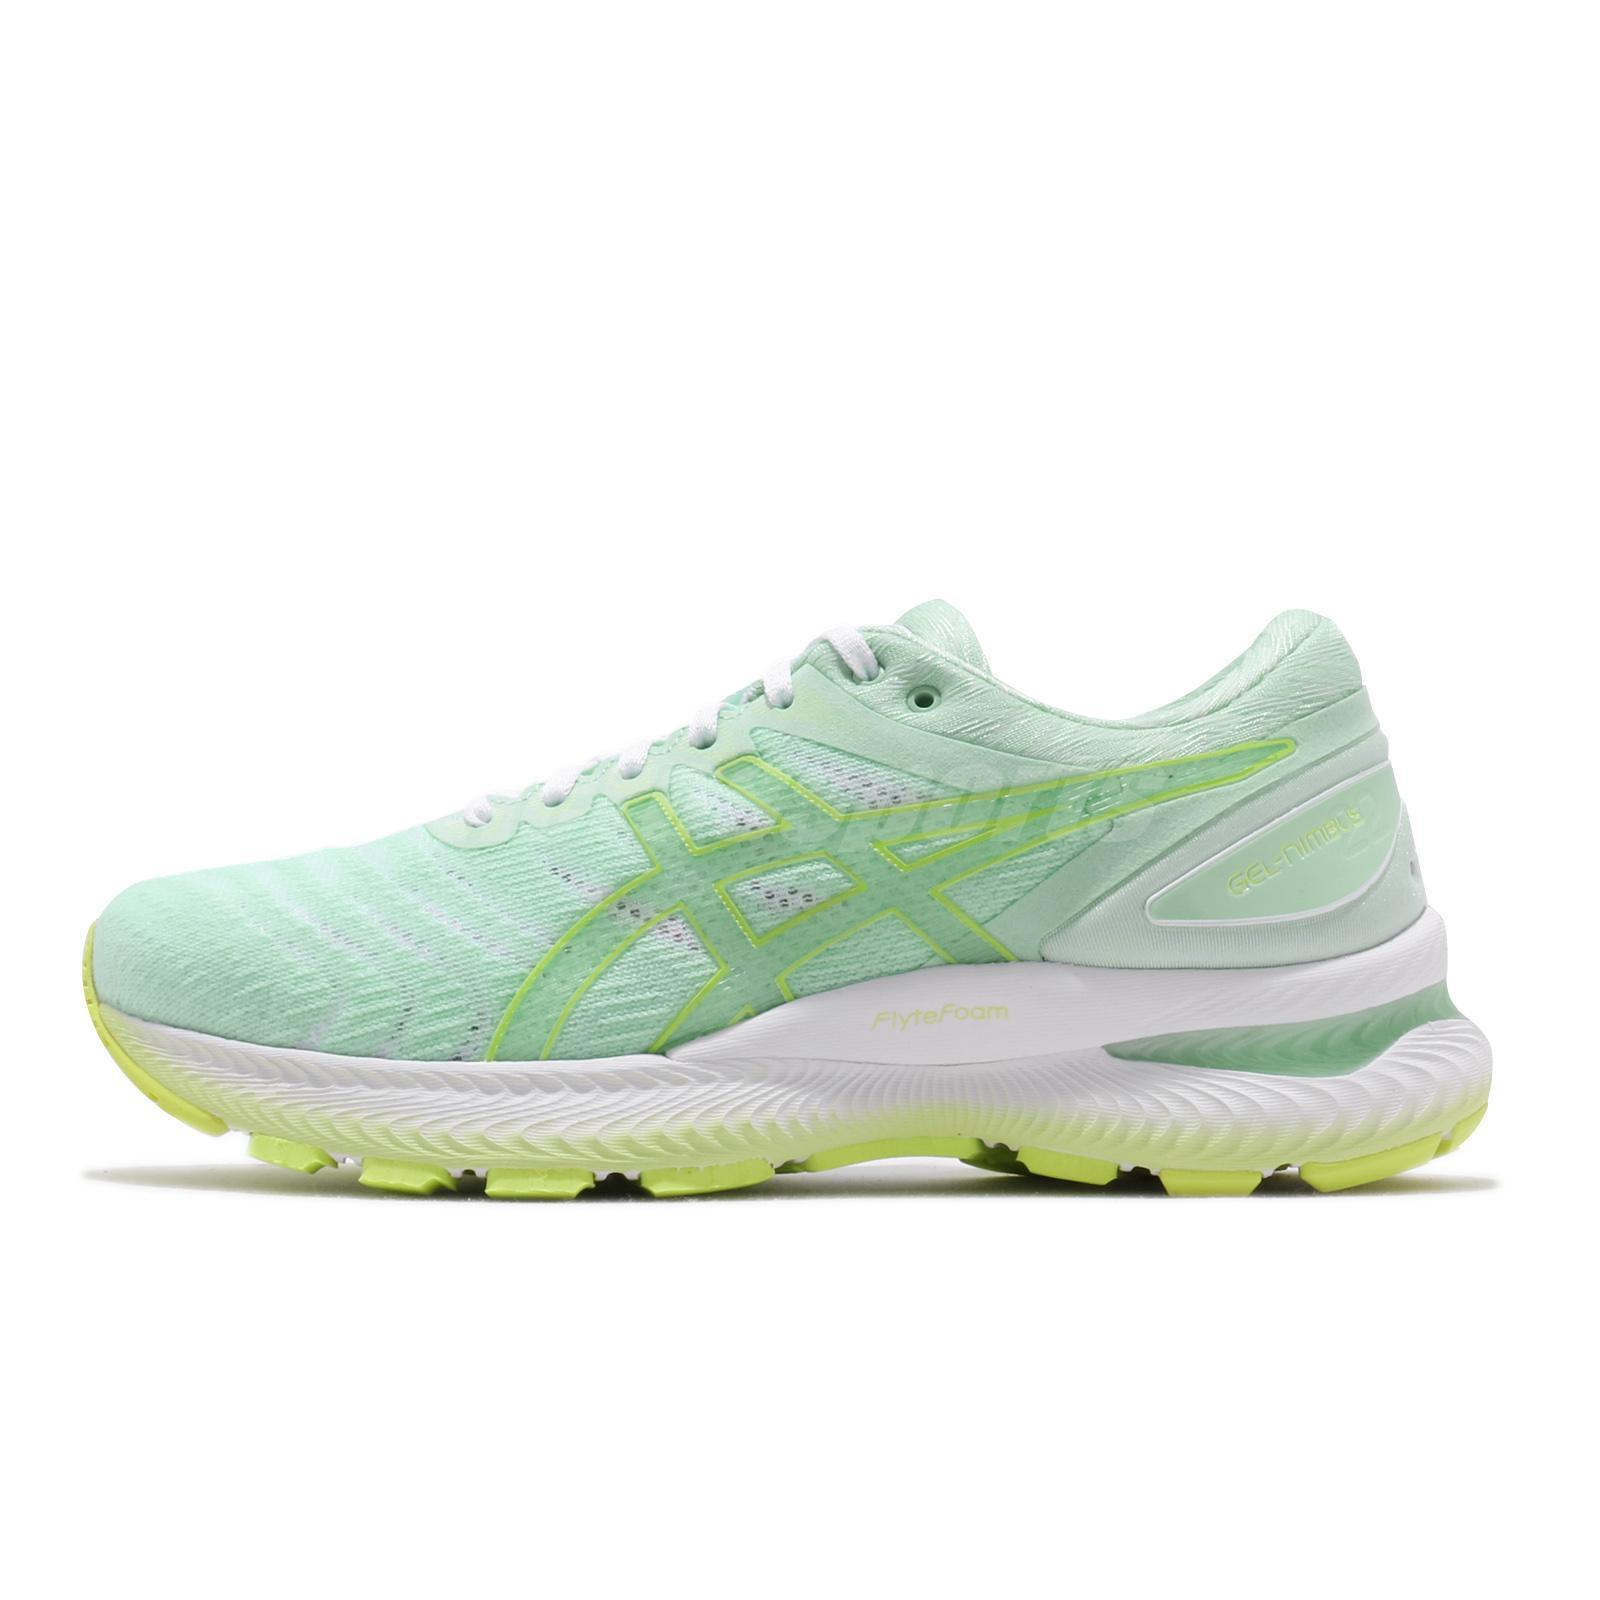 Details about Asics Gel-Nimbus 22 Modern Tokyo Mint Tint Yellow Women  Running 1012A663-300